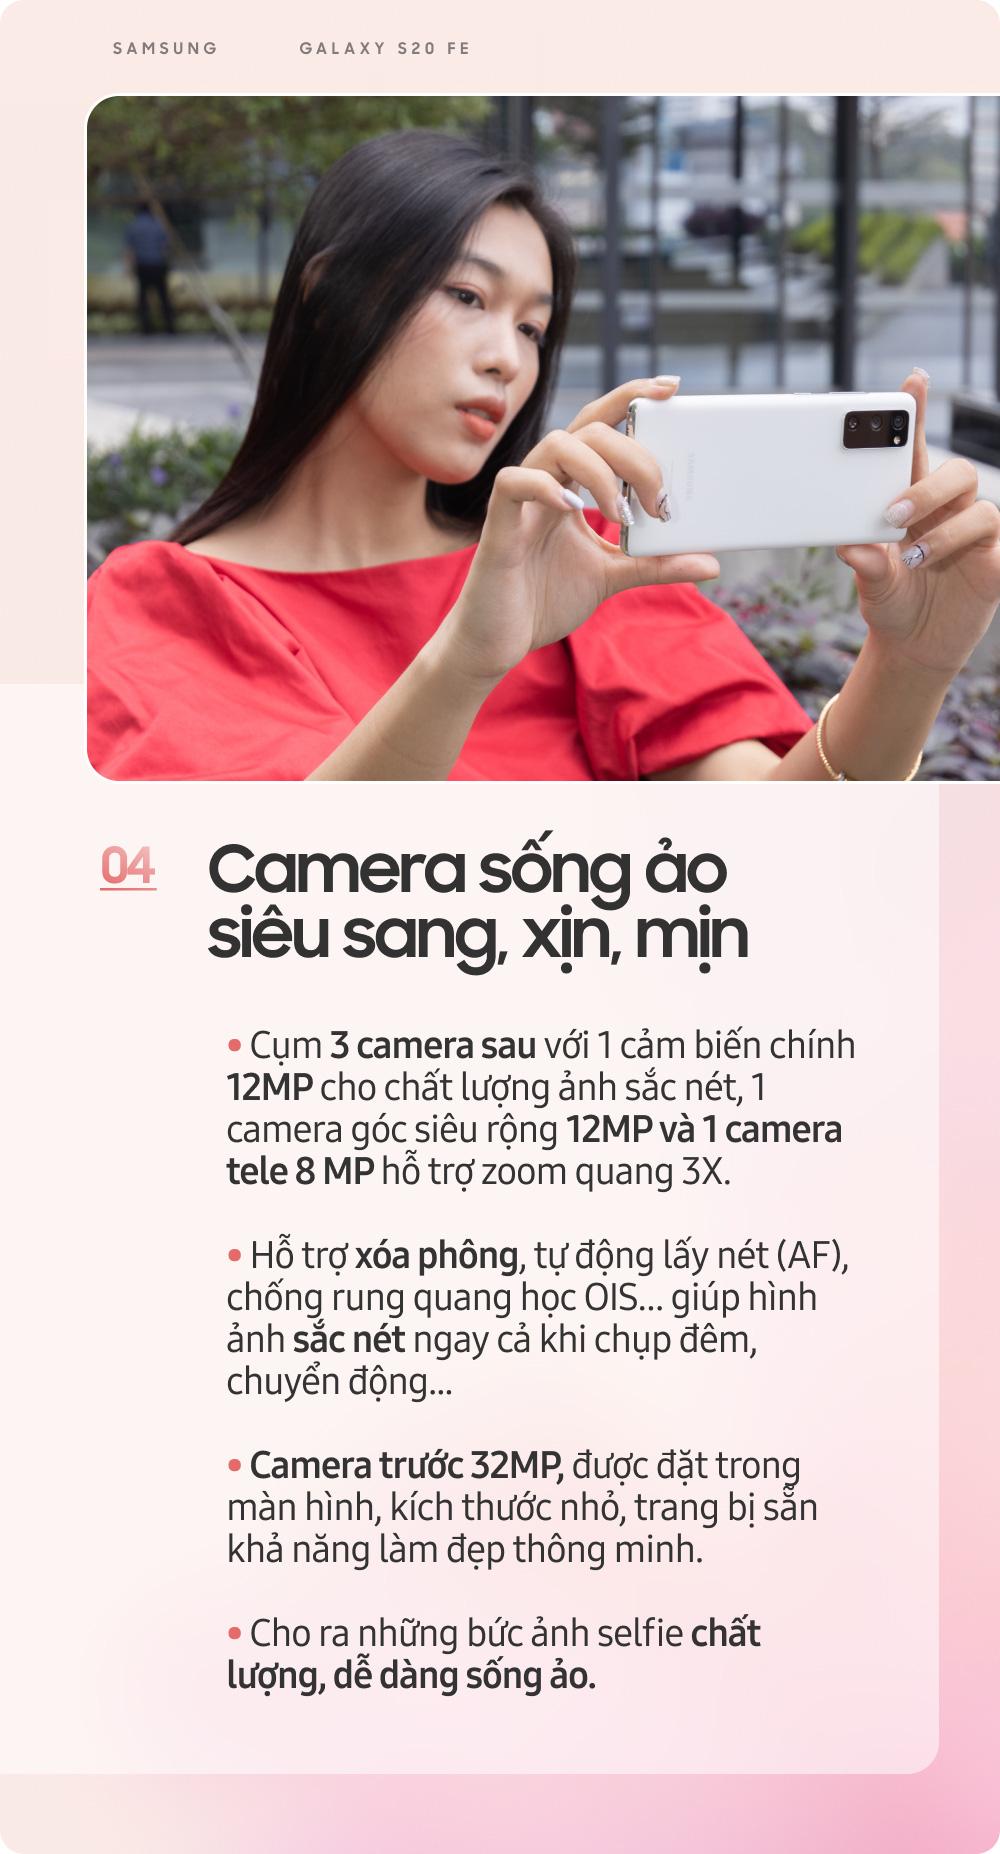 Samsung Galaxy S20 FE: Smartphone dành cho giới trẻ sành điệu - Ảnh 6.